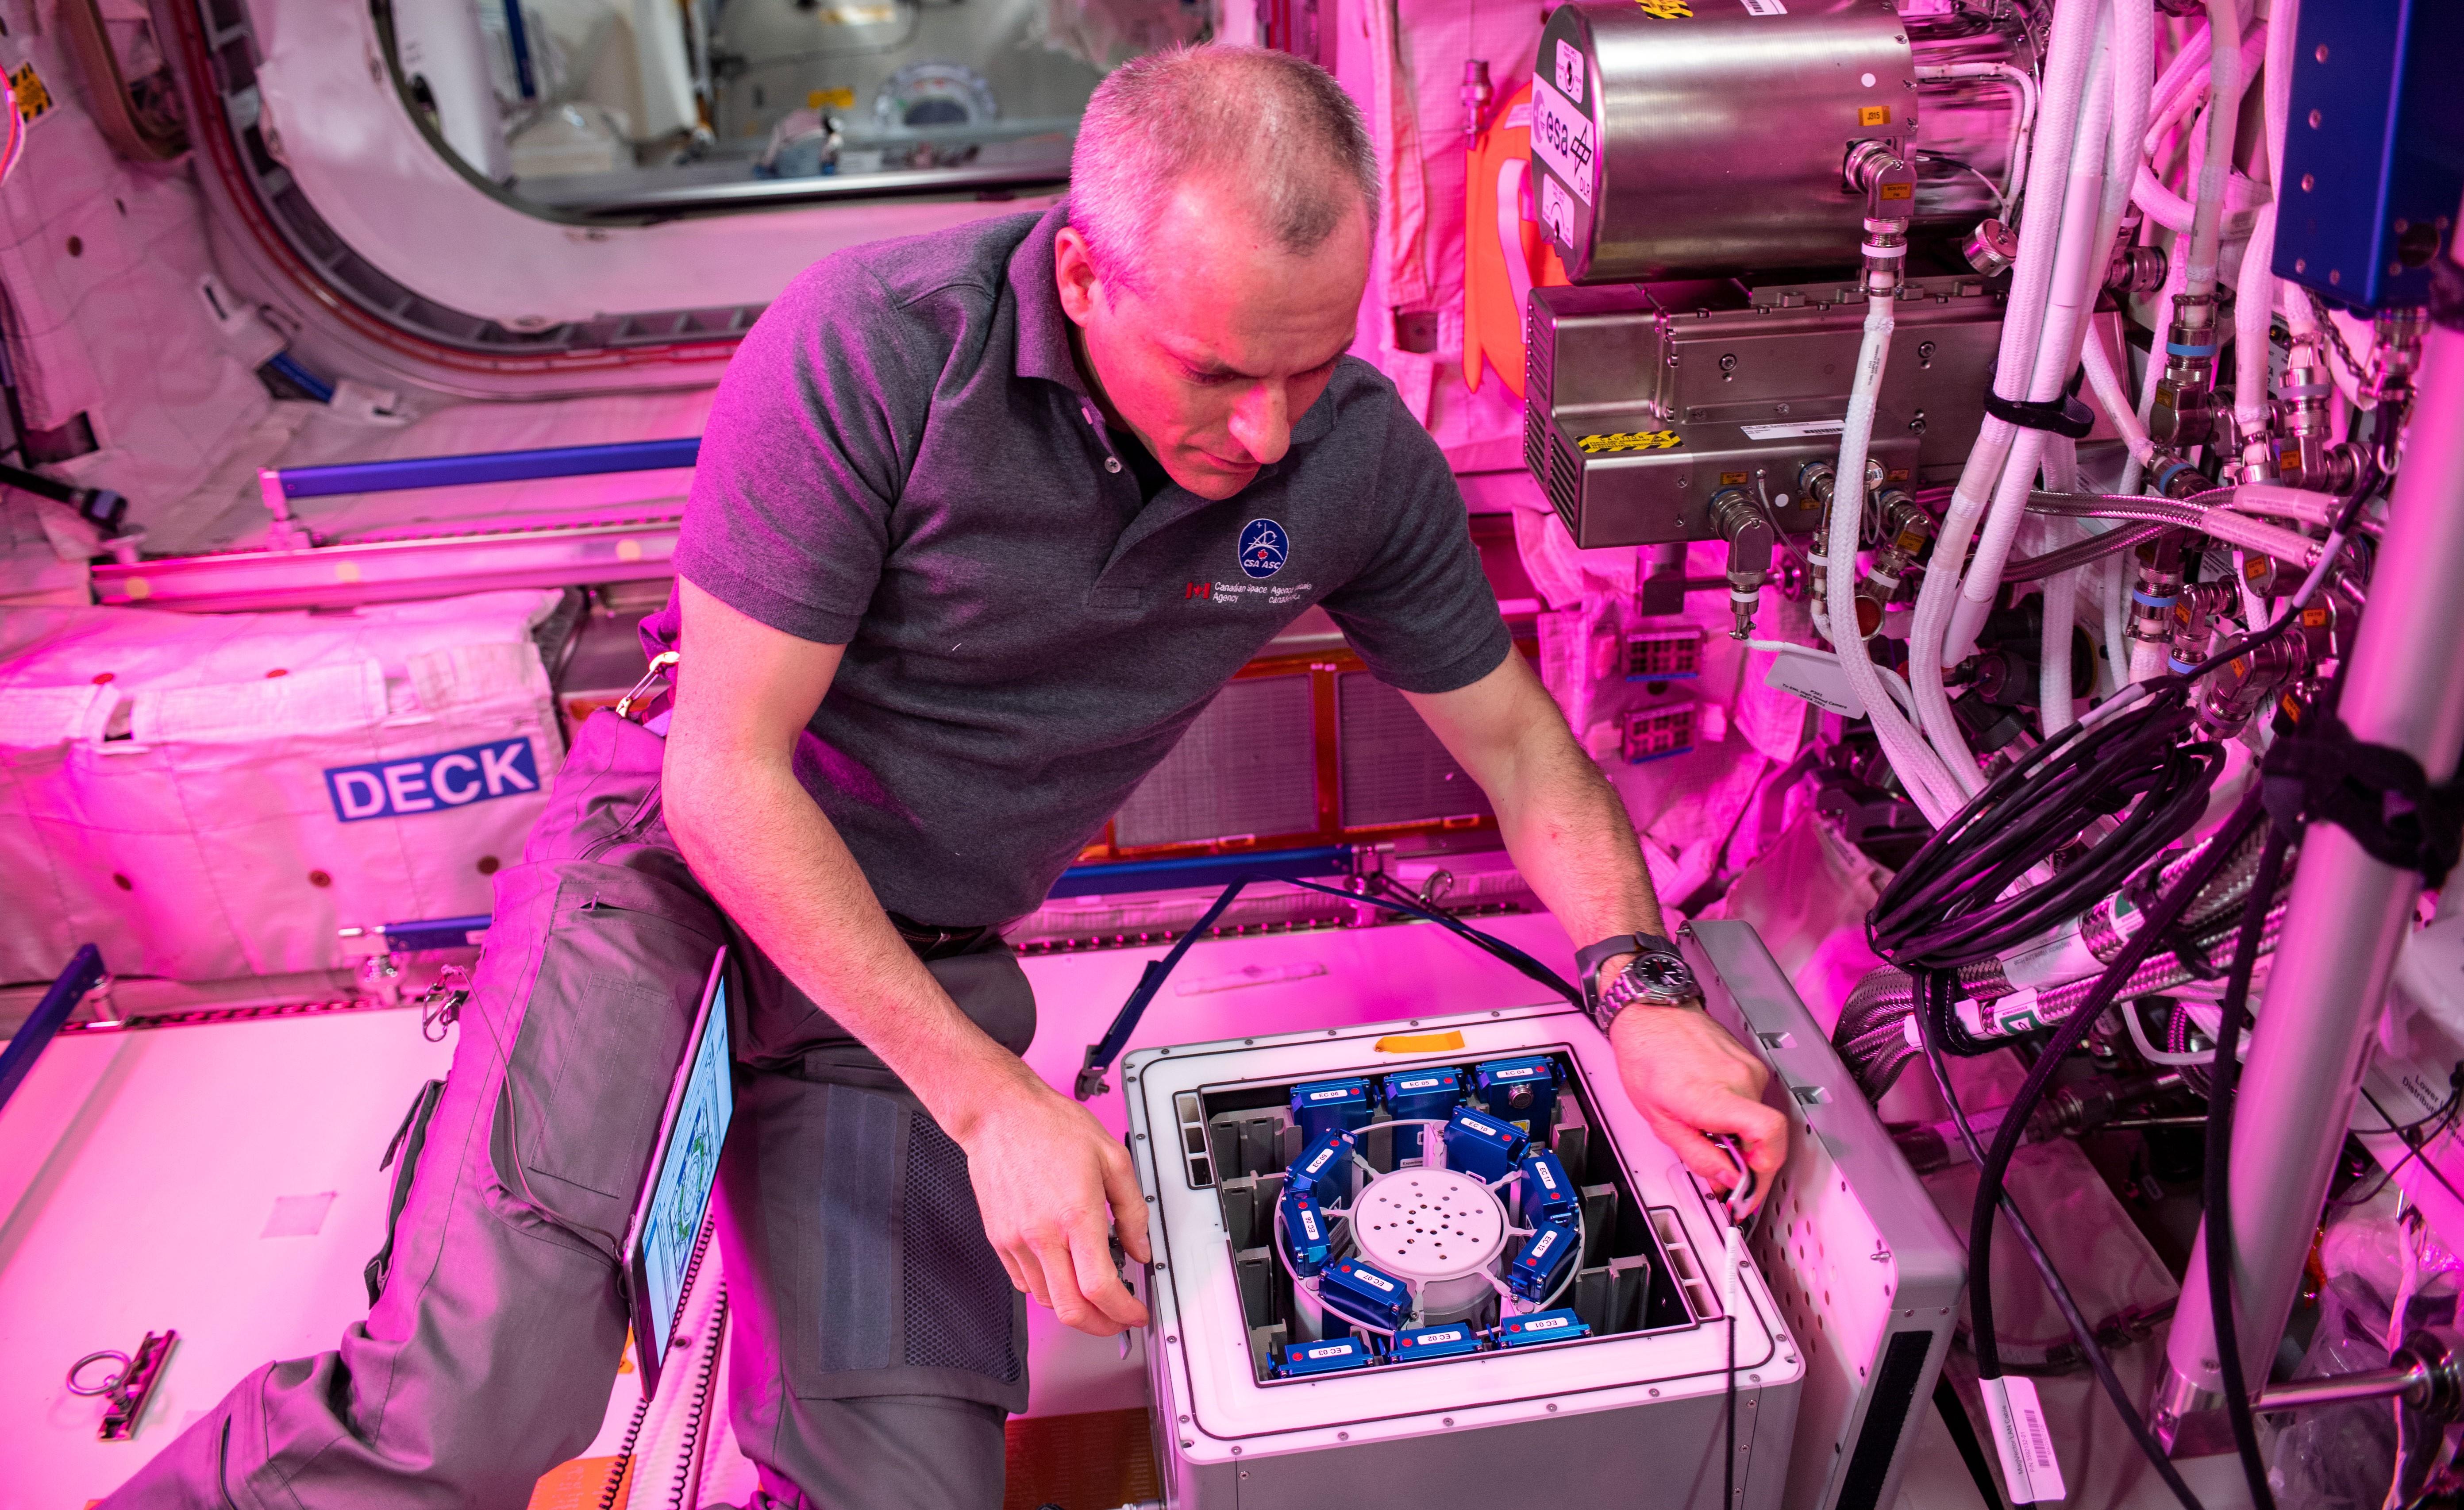 Forsøk med nanopartikler som antioksidanter settes inn i en inkubator på romstasjonen. Foto: NASA